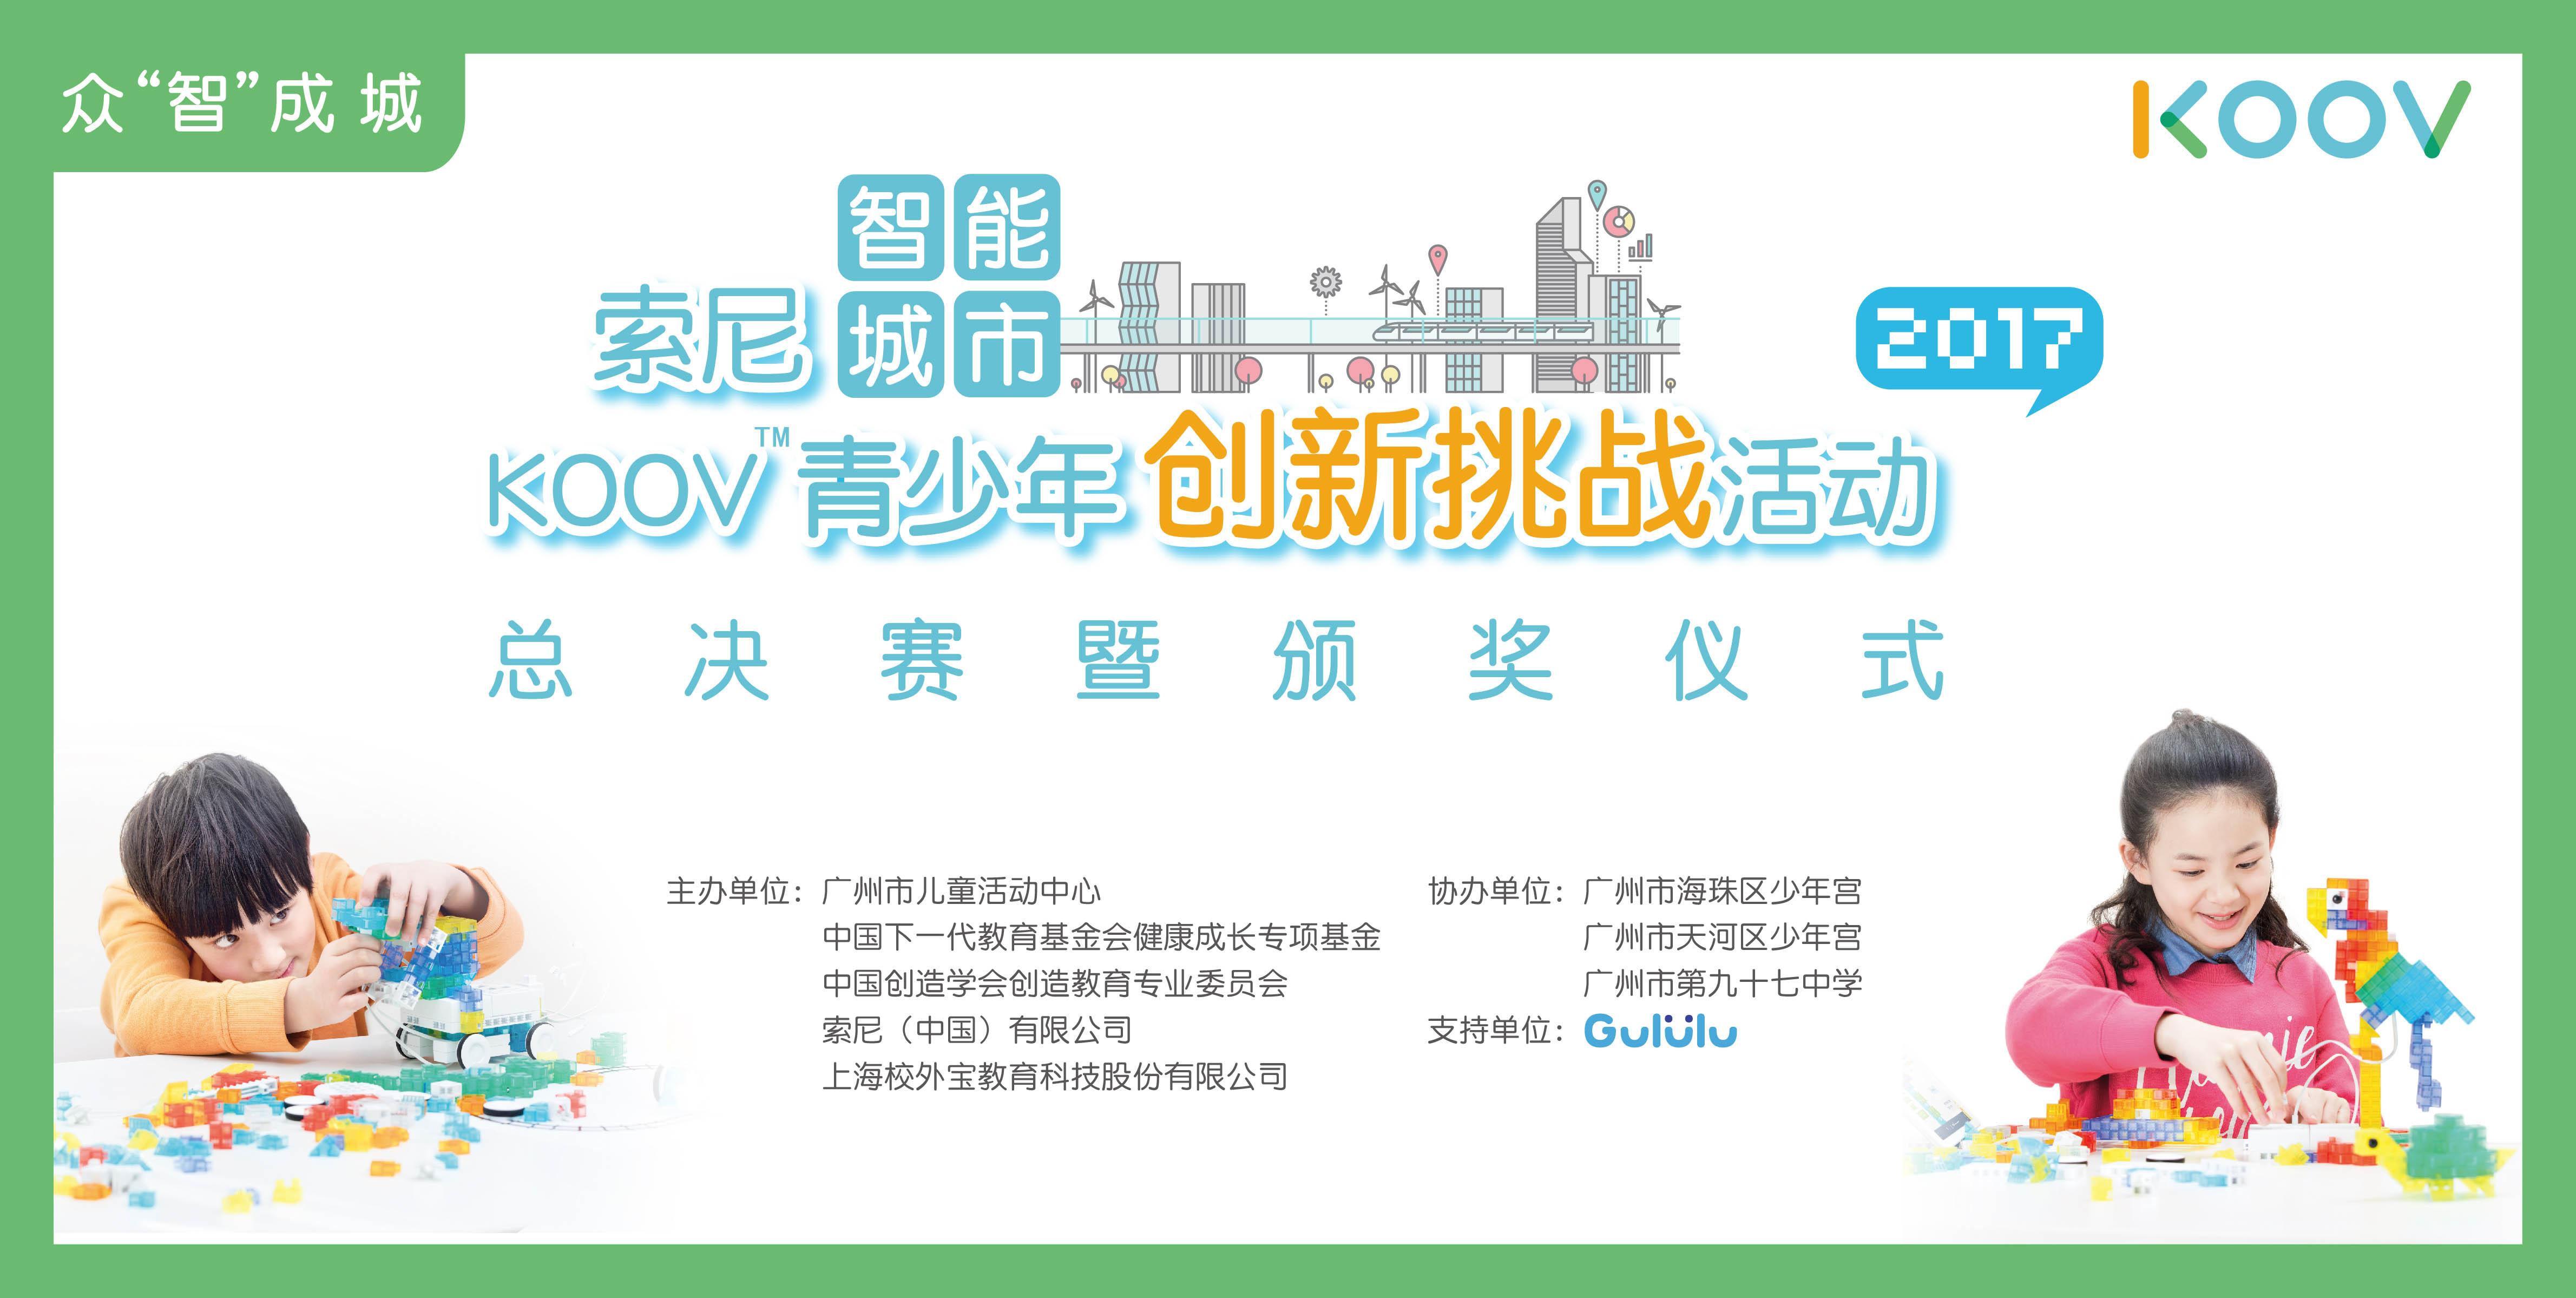 2017索尼智能城市KOOV青少年创新挑战活动(广州区总决赛)